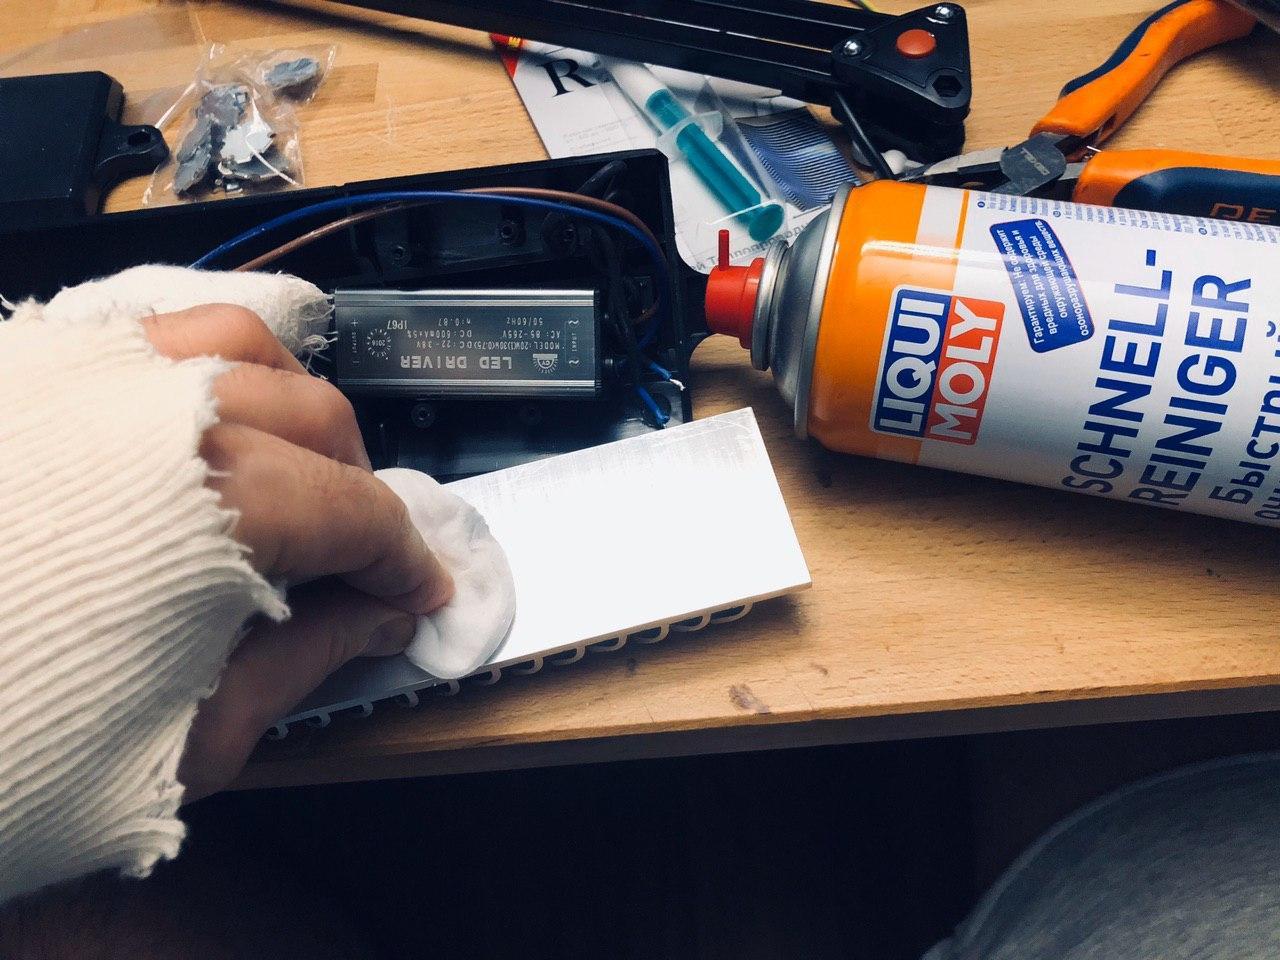 Экспресс UV лампа своими руками 400-405 нм для полимеризации 3D фотополимерных моделей - 10